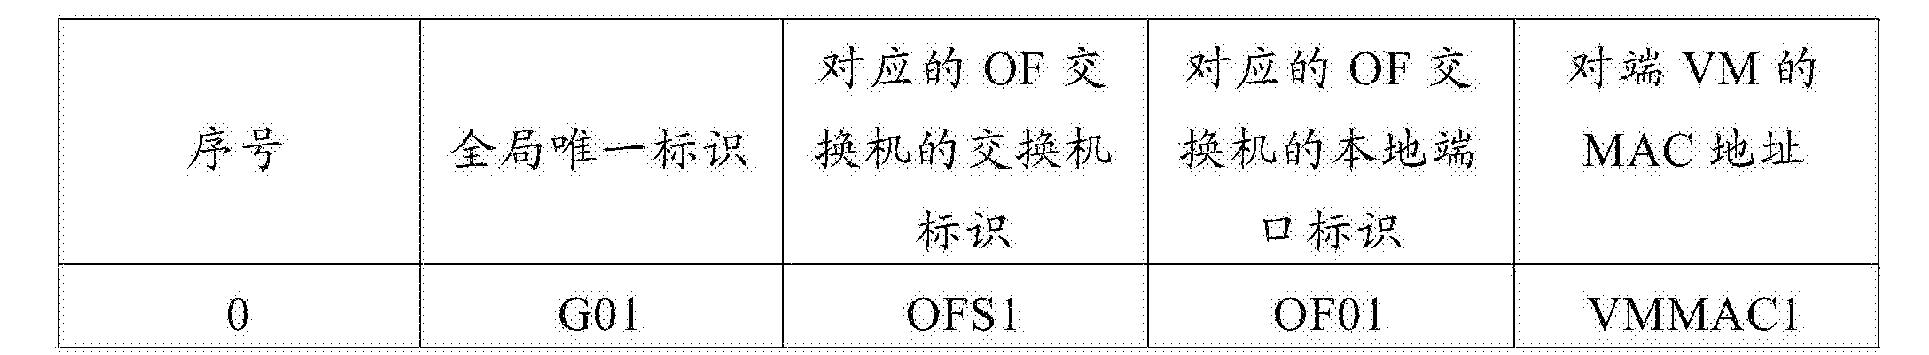 Figure CN104253770BD00102